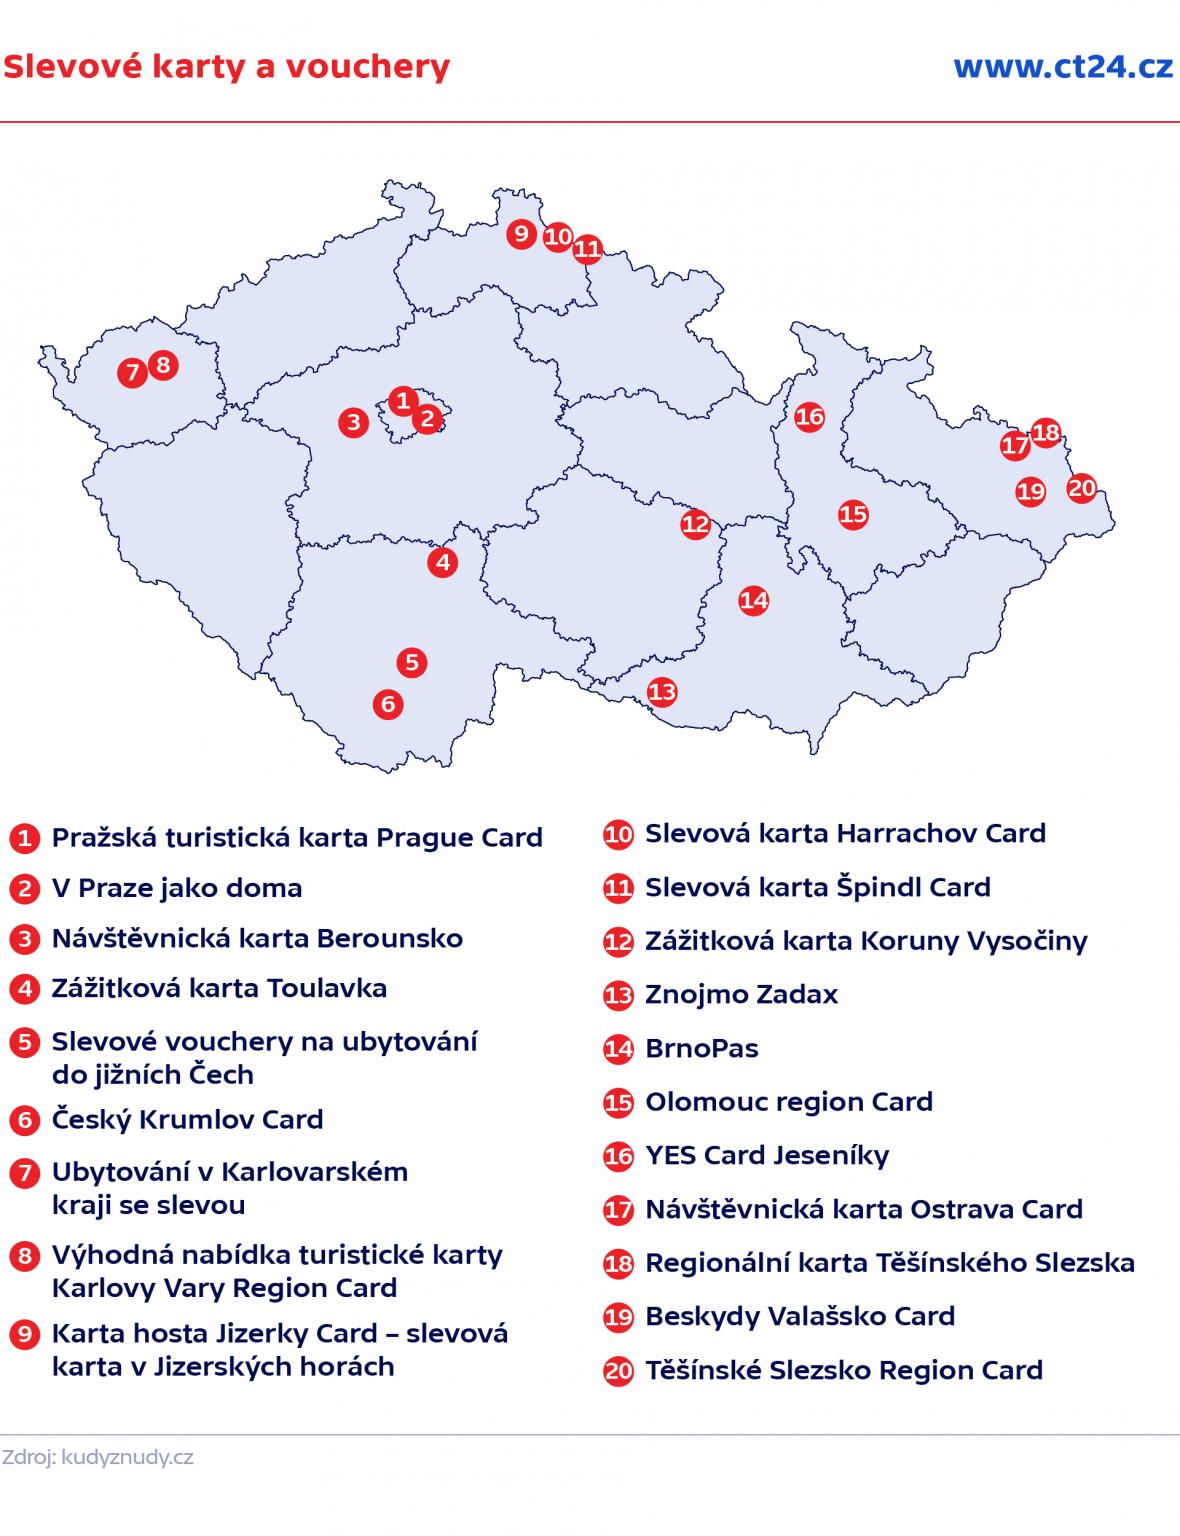 Slevové karty a vouchery